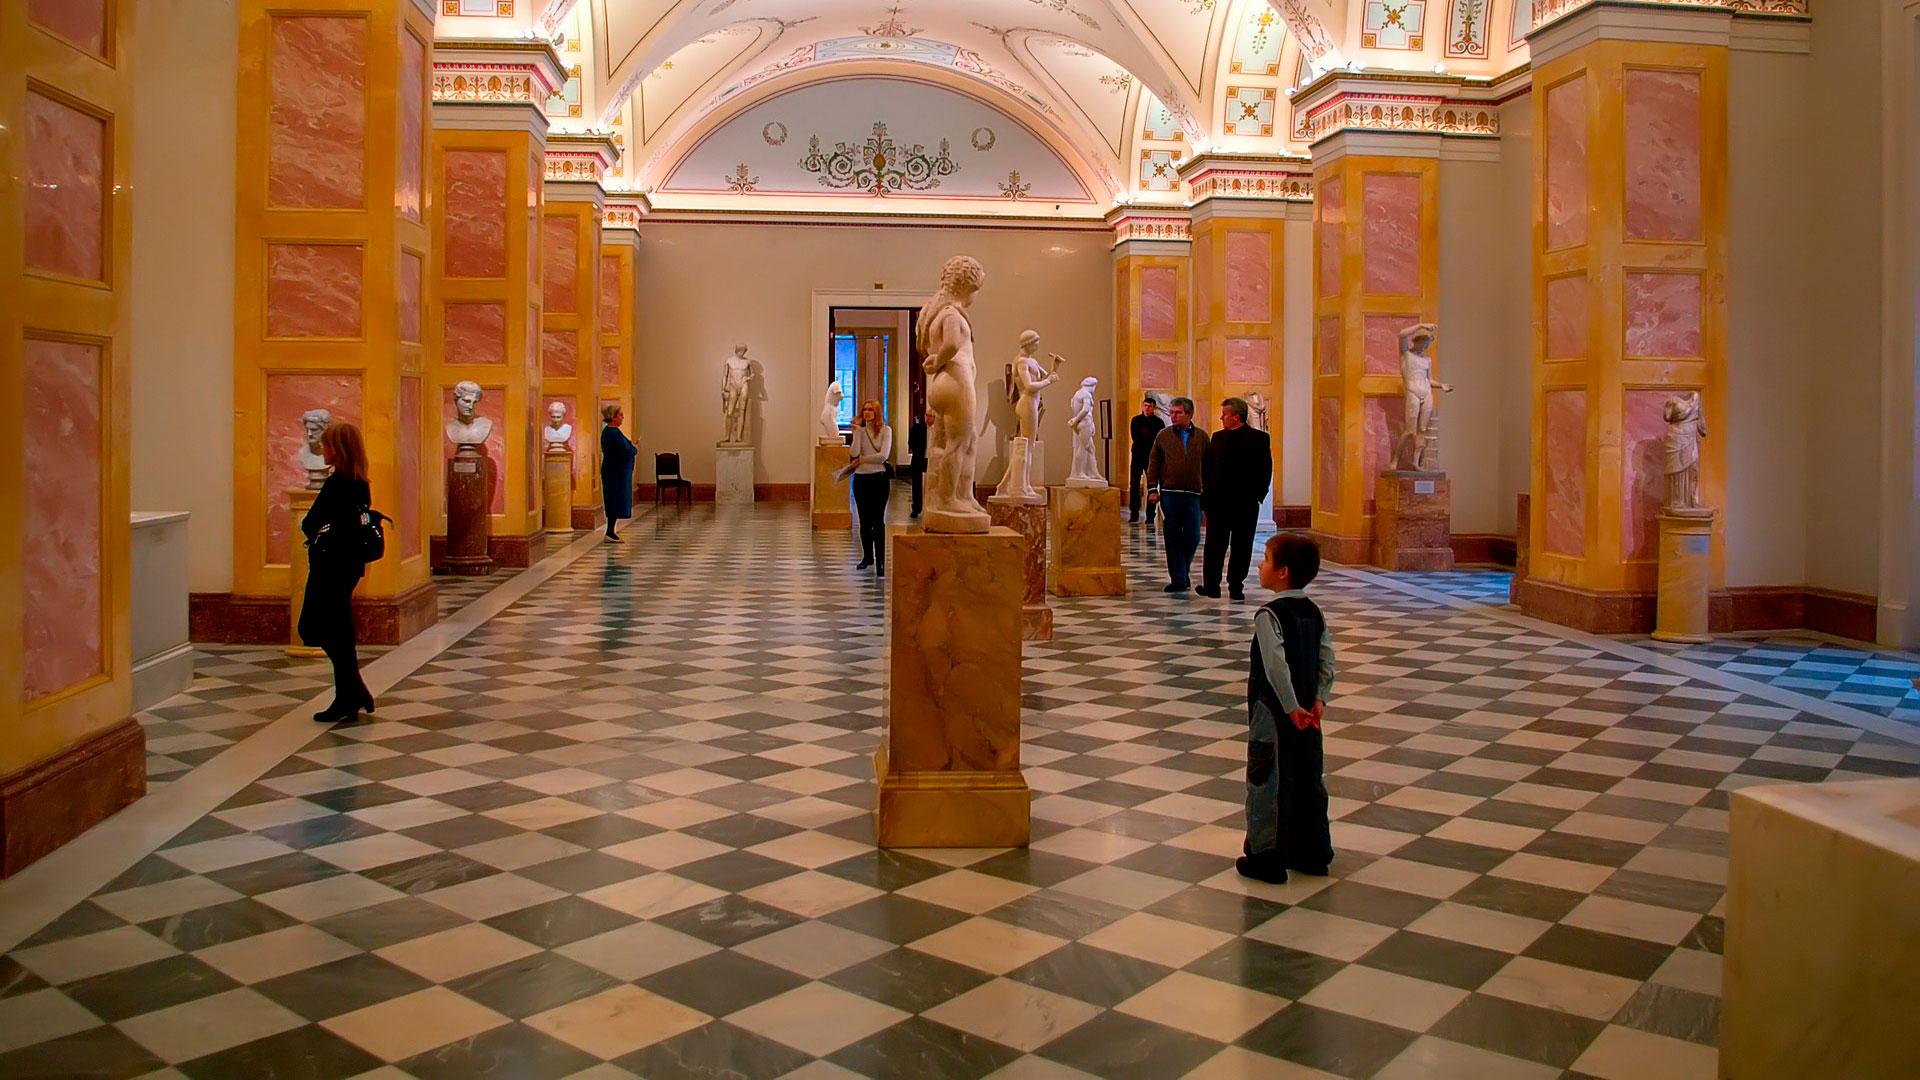 Imagen interior de un museo